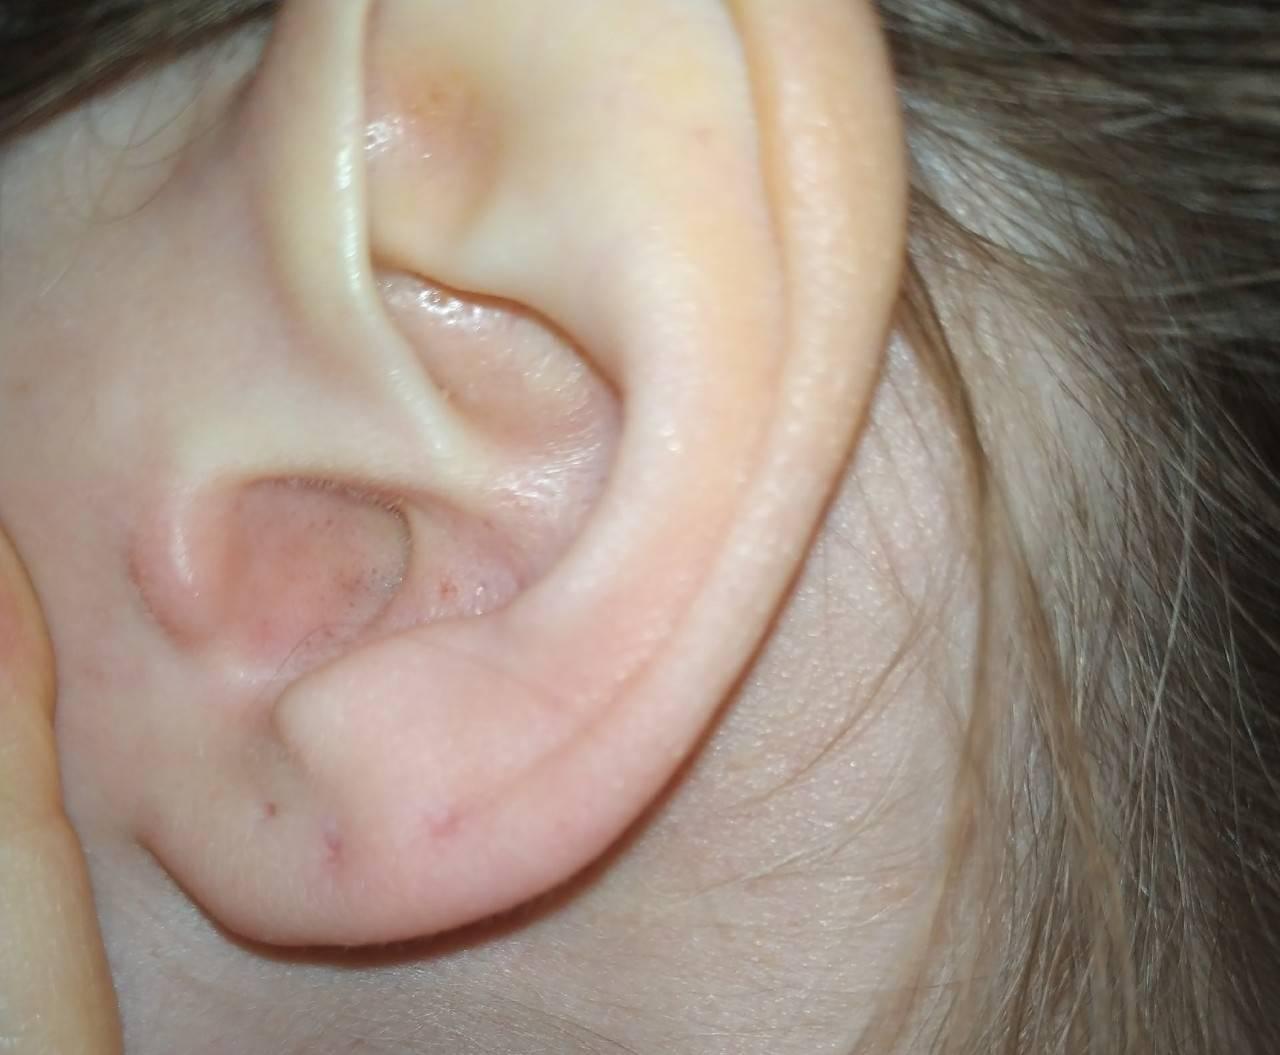 Отит среднего уха у ребенка: симптомы и лечение, особенности острой и катаральной, серозной, экссудативной и двусторонней форм, средства для лечения в домашних условиях